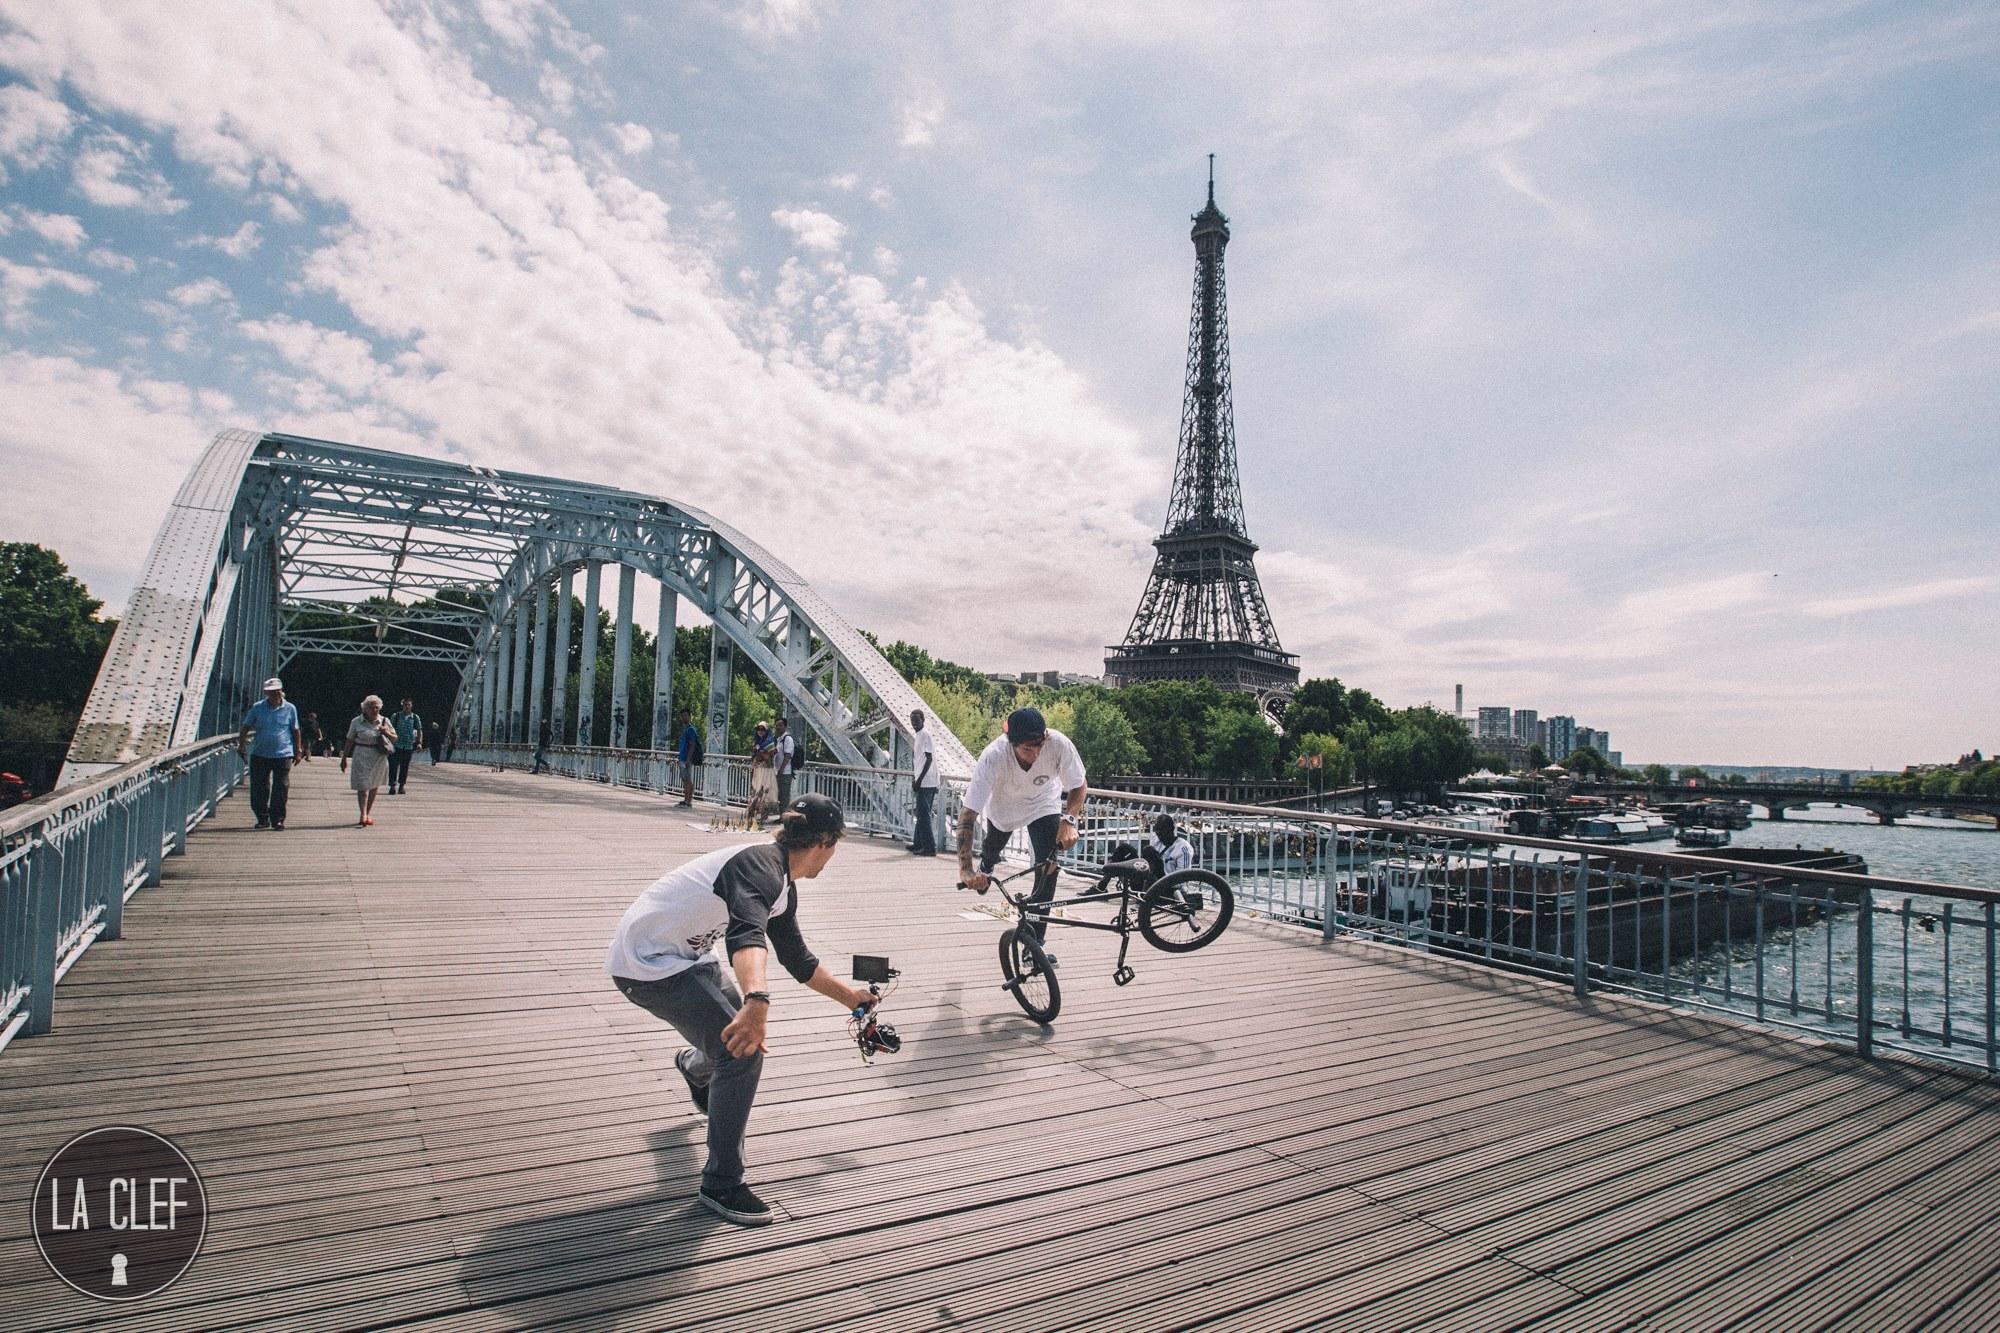 Photographe et vidéaste - About Nicolas Jacquemin